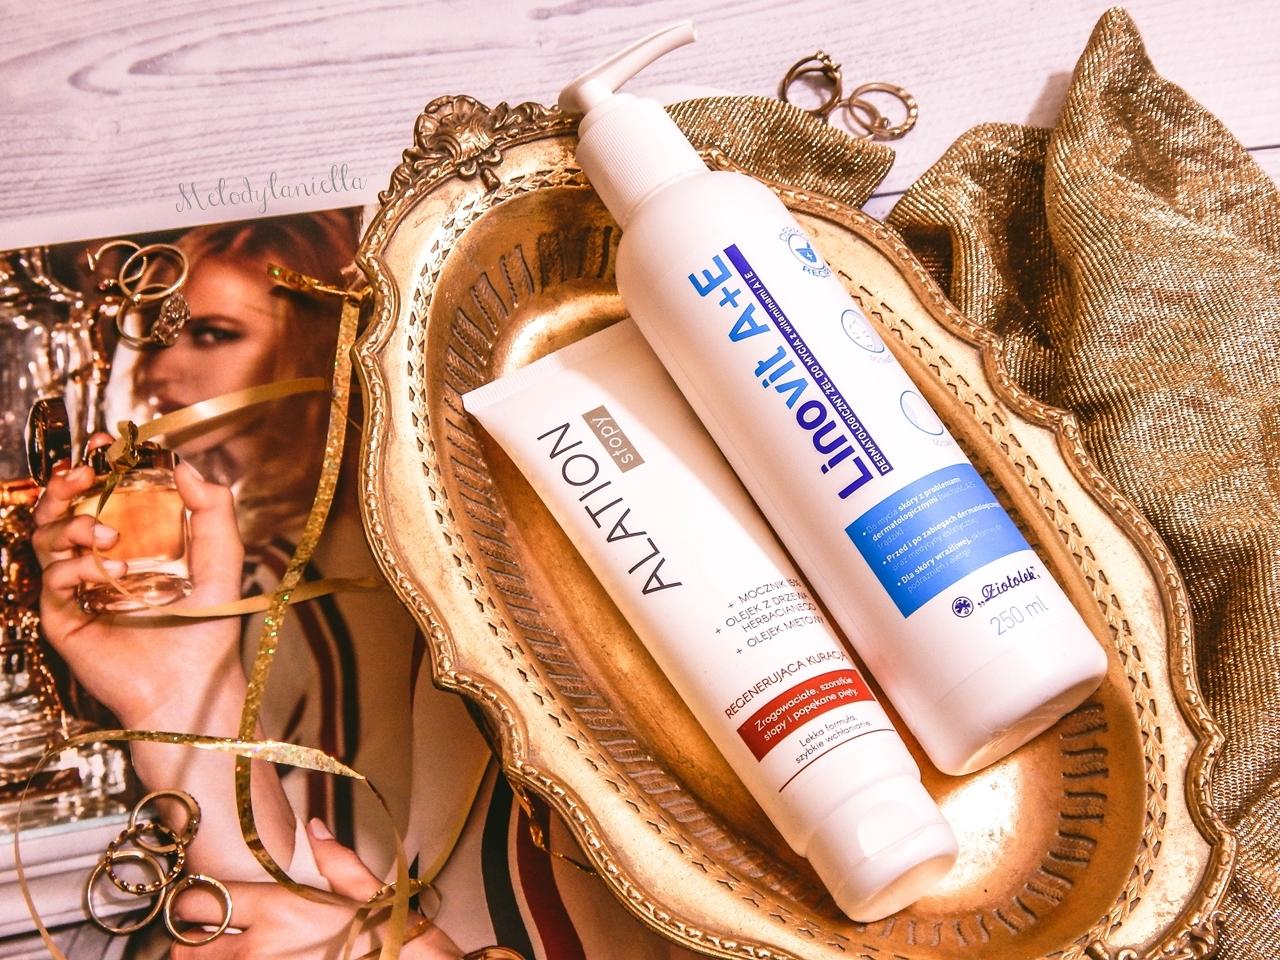 3 ziołolek Linovit a + e dermatologiczny żel do mycia z witaminami  recenzja opinia działanie żel produkty do skóry alergicznej mieszanej atopowej trudnej wrażliwej